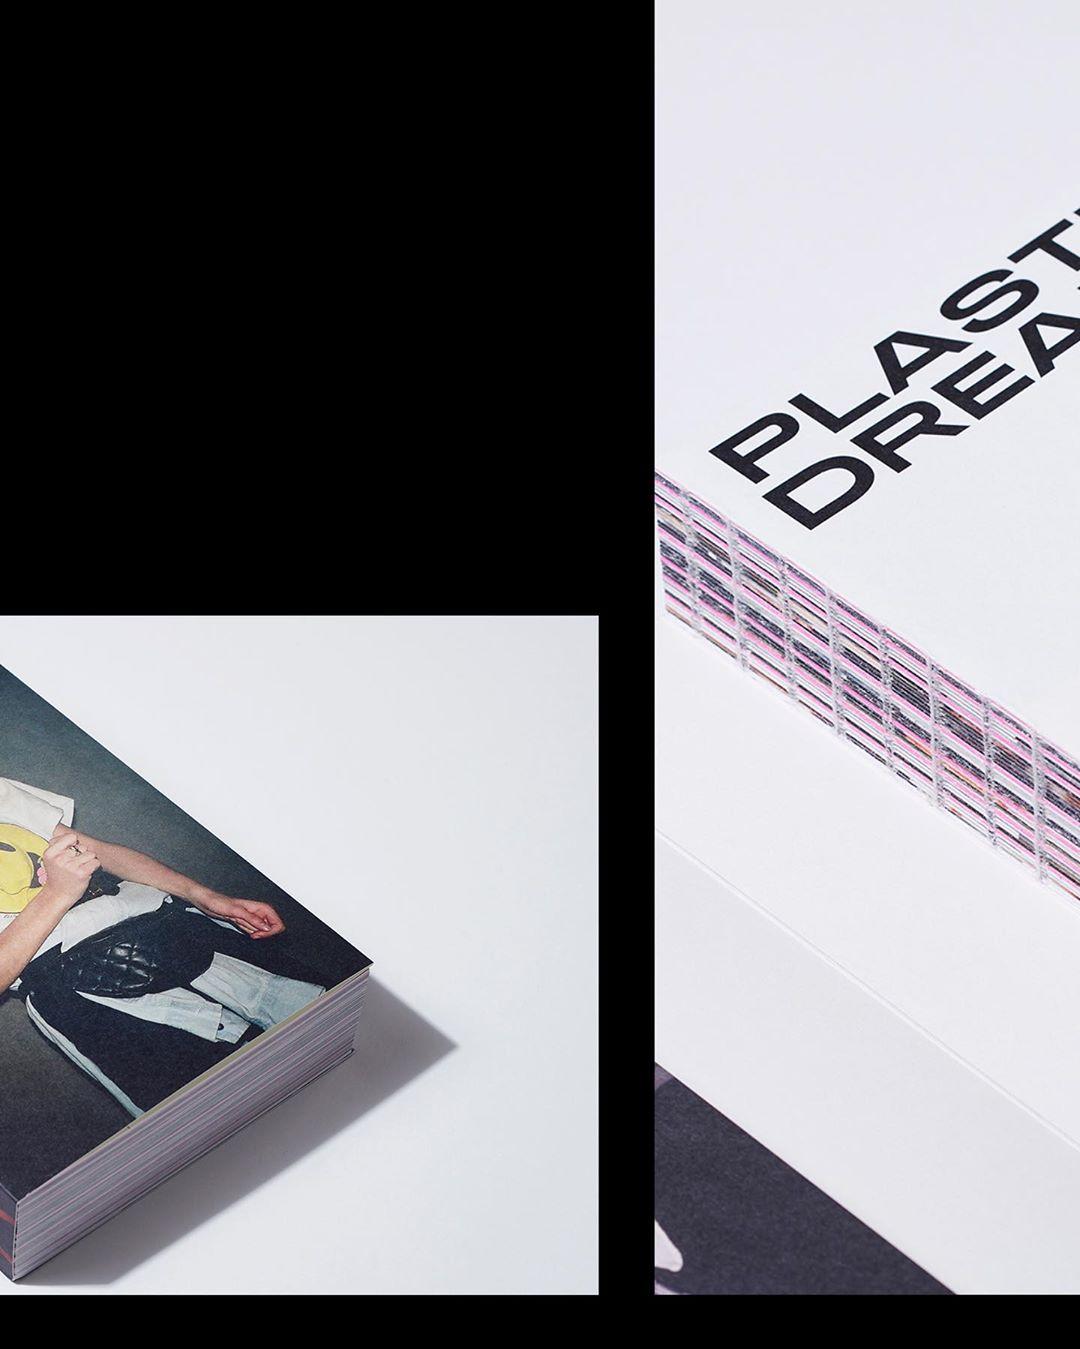 Plastic Dreams by Olivier Degorce w/ @degorceolivier @baptiste_mood @headbangerspublishing #2018